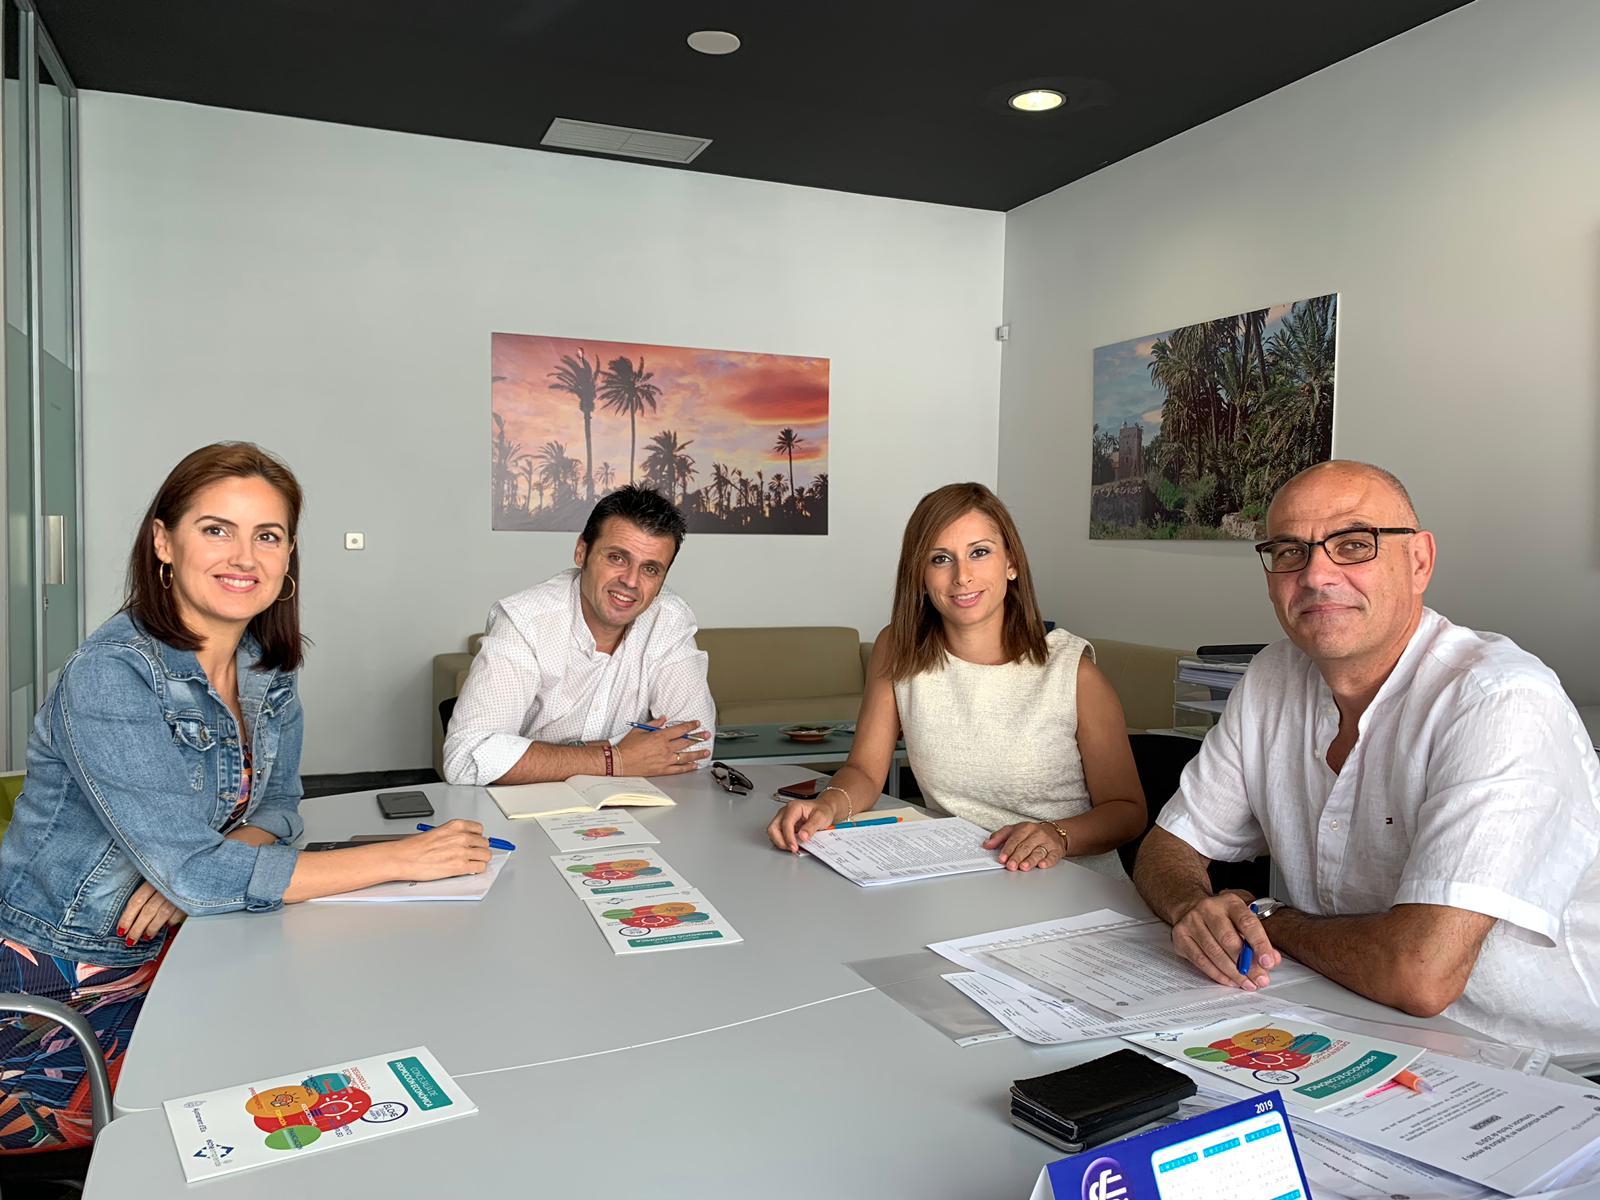 El Ayuntamiento de Elda busca generar sinergias con los empresarios locales para potenciar el empleo, la formación y la industria